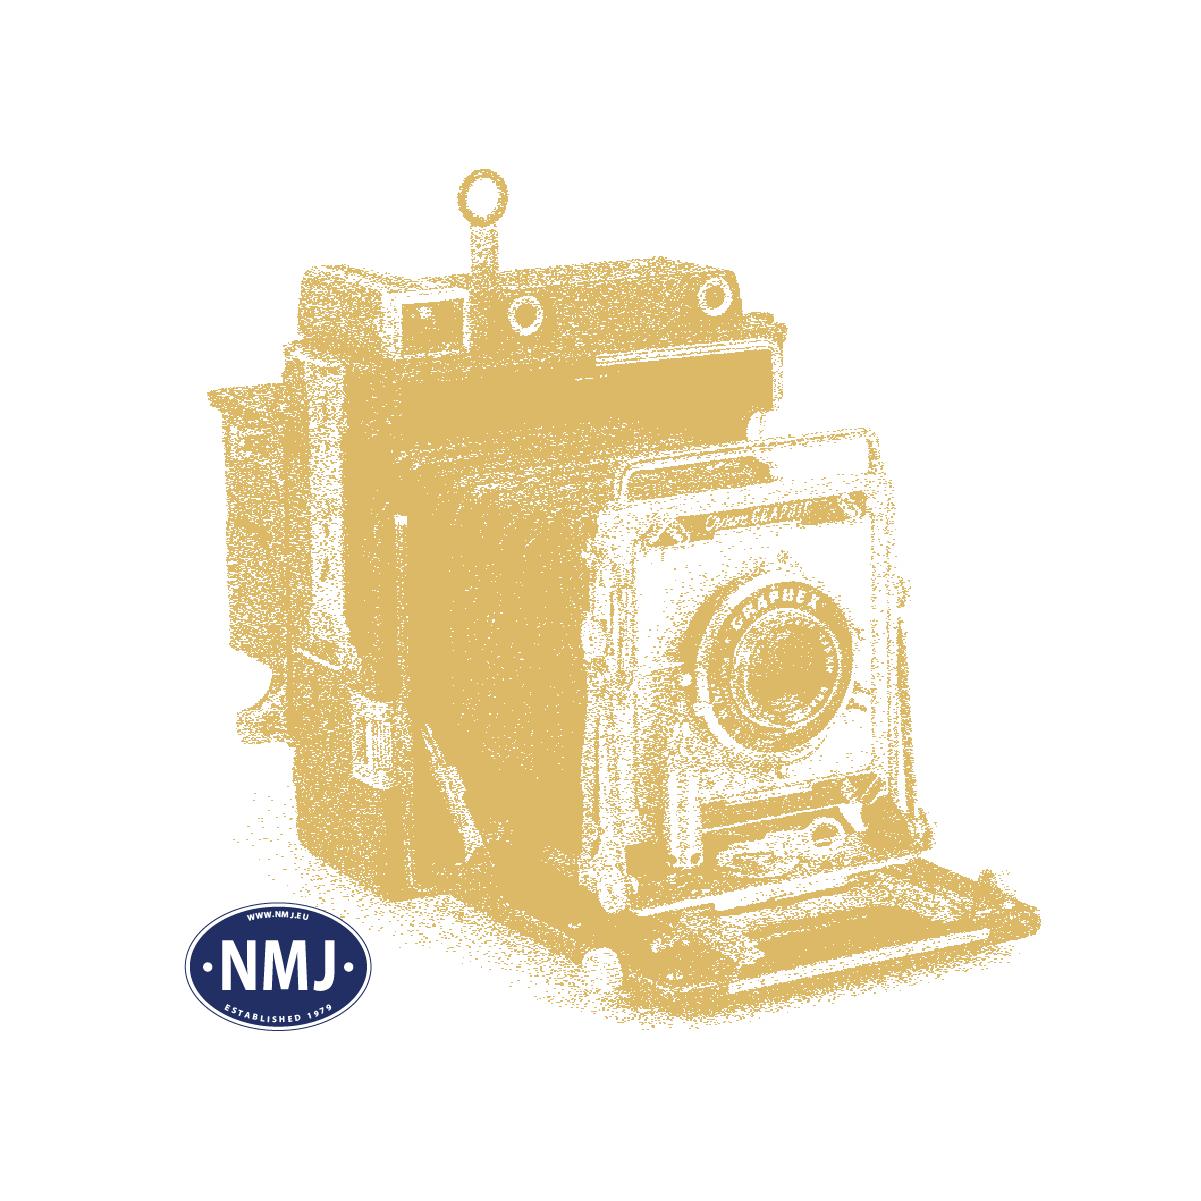 NMJT508.101 - NMJ Topline NSB Kjølevogn G4 41804